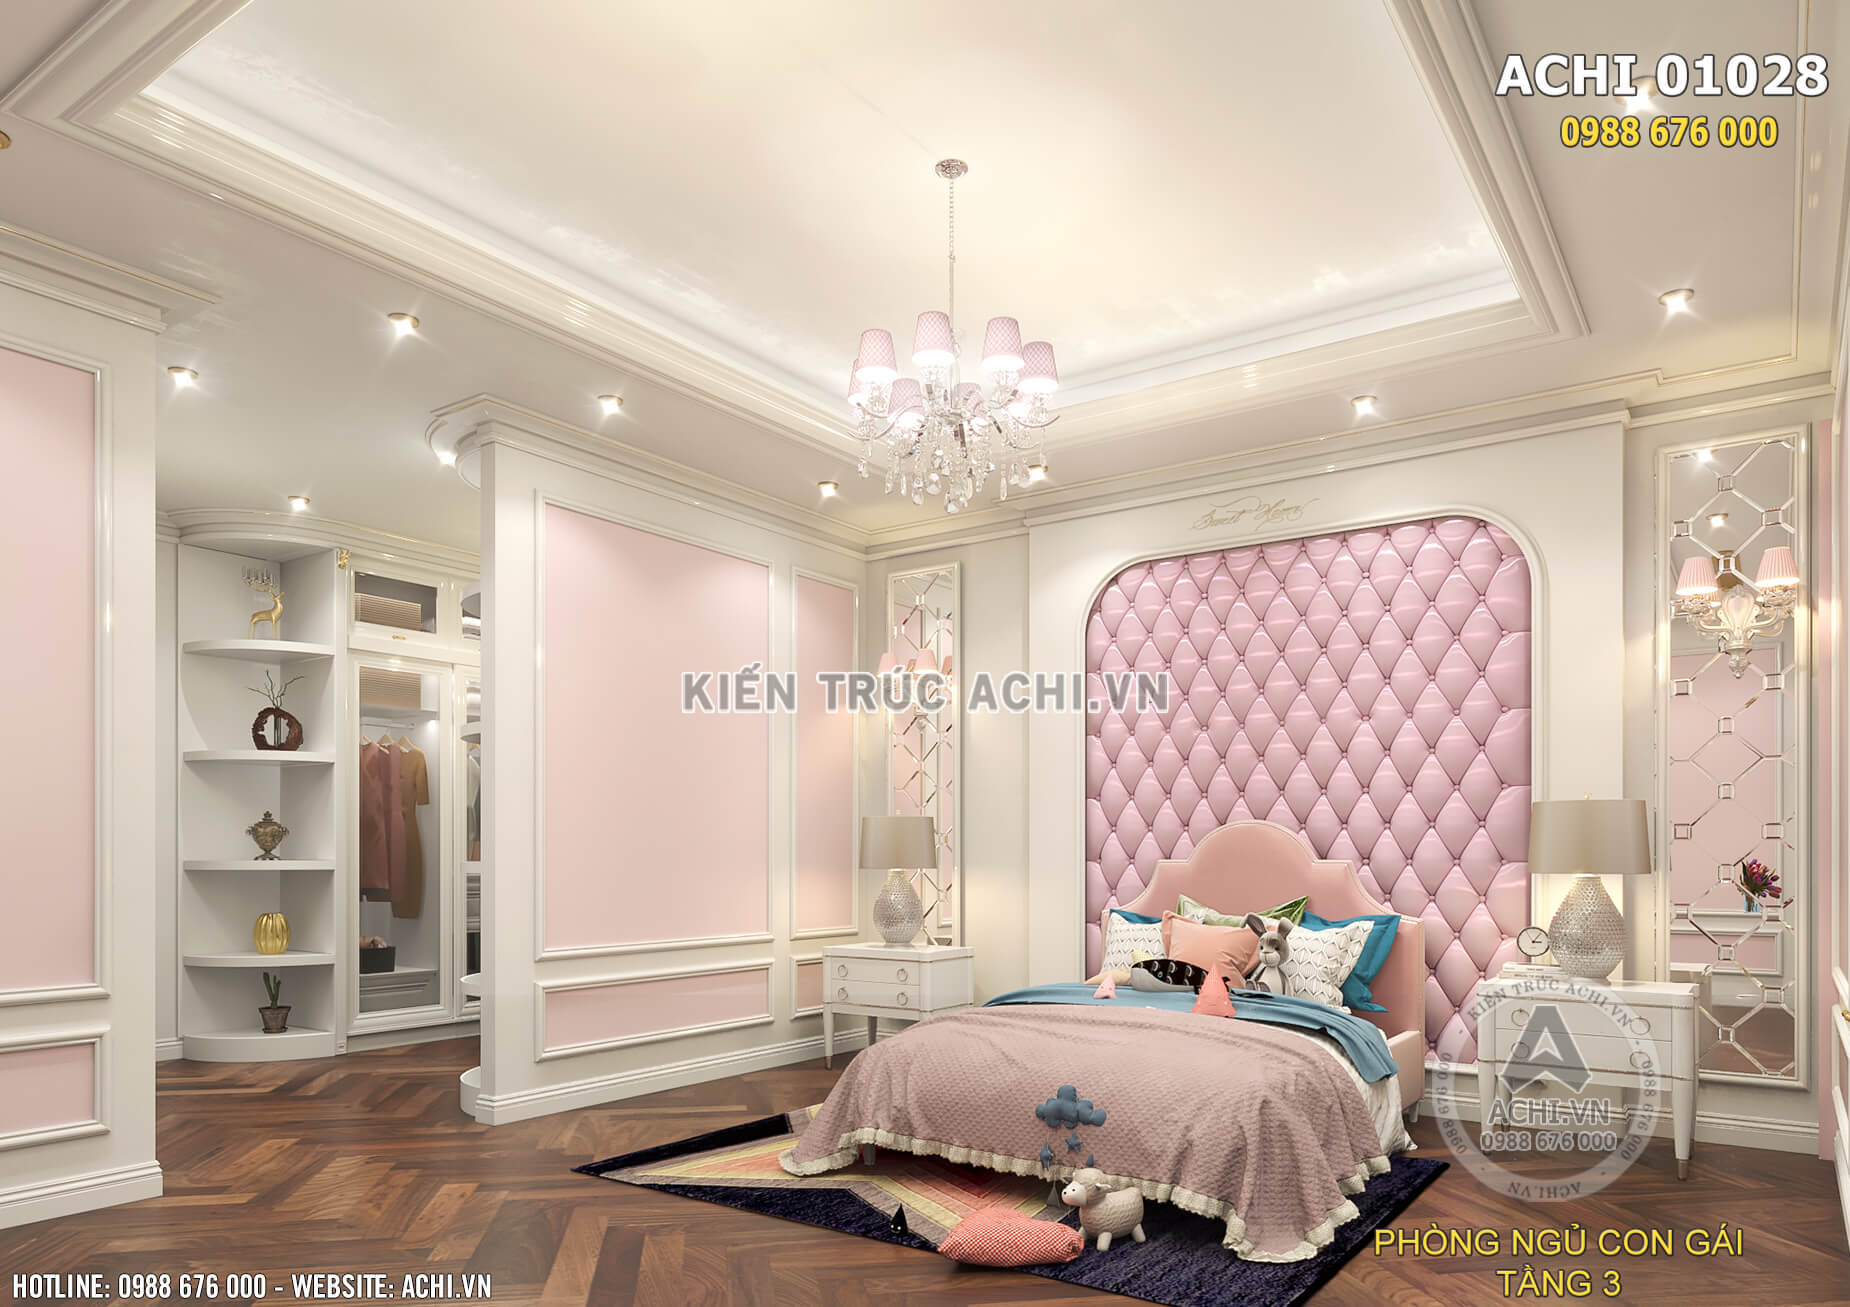 Mẫu thiết kế nội thất phòng ngủ cho con gái trong căn biệt thự tân cổ